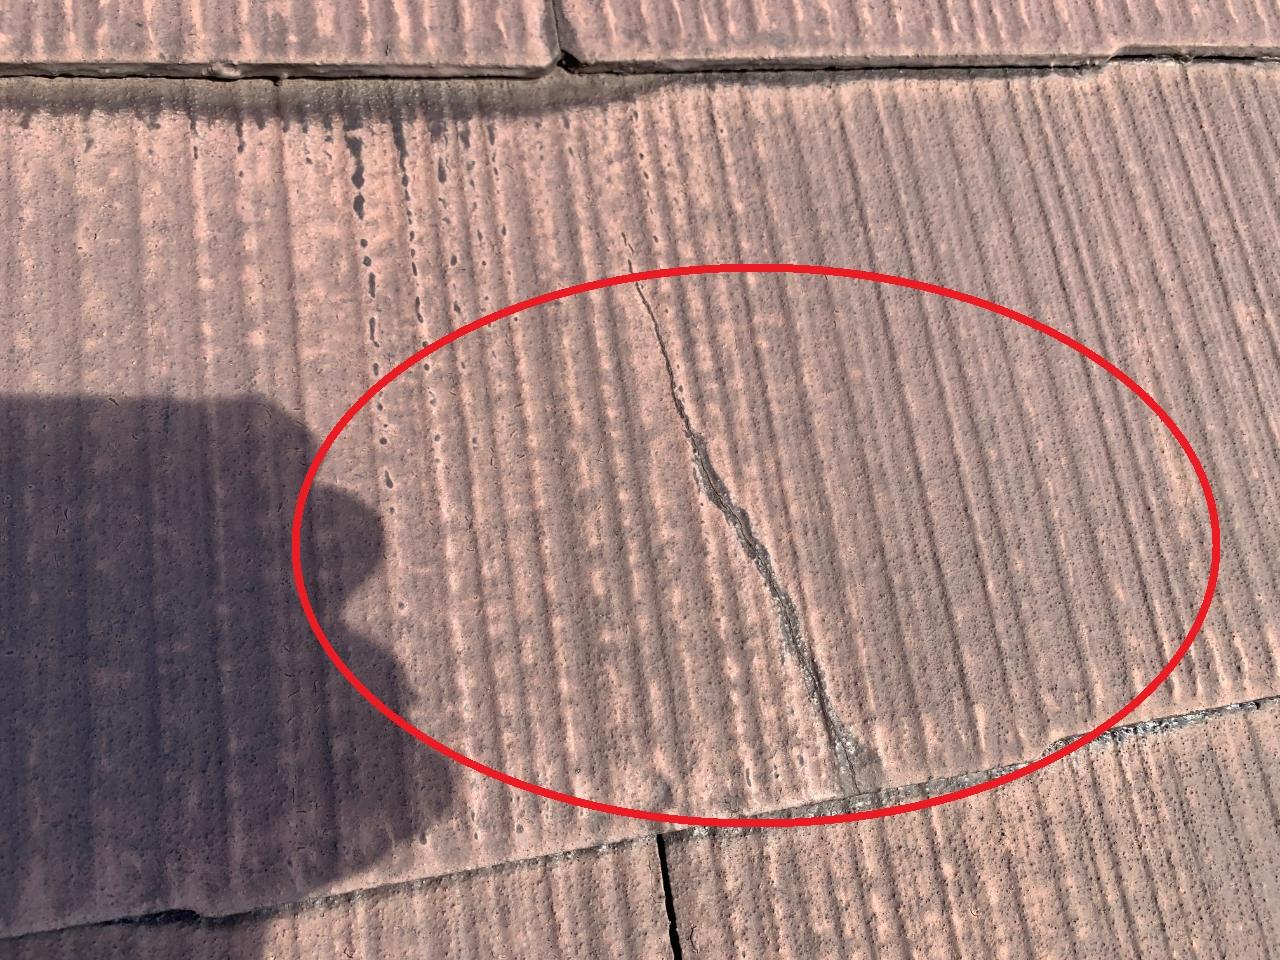 屋根補修が必要とされるひび割れたスレート屋根